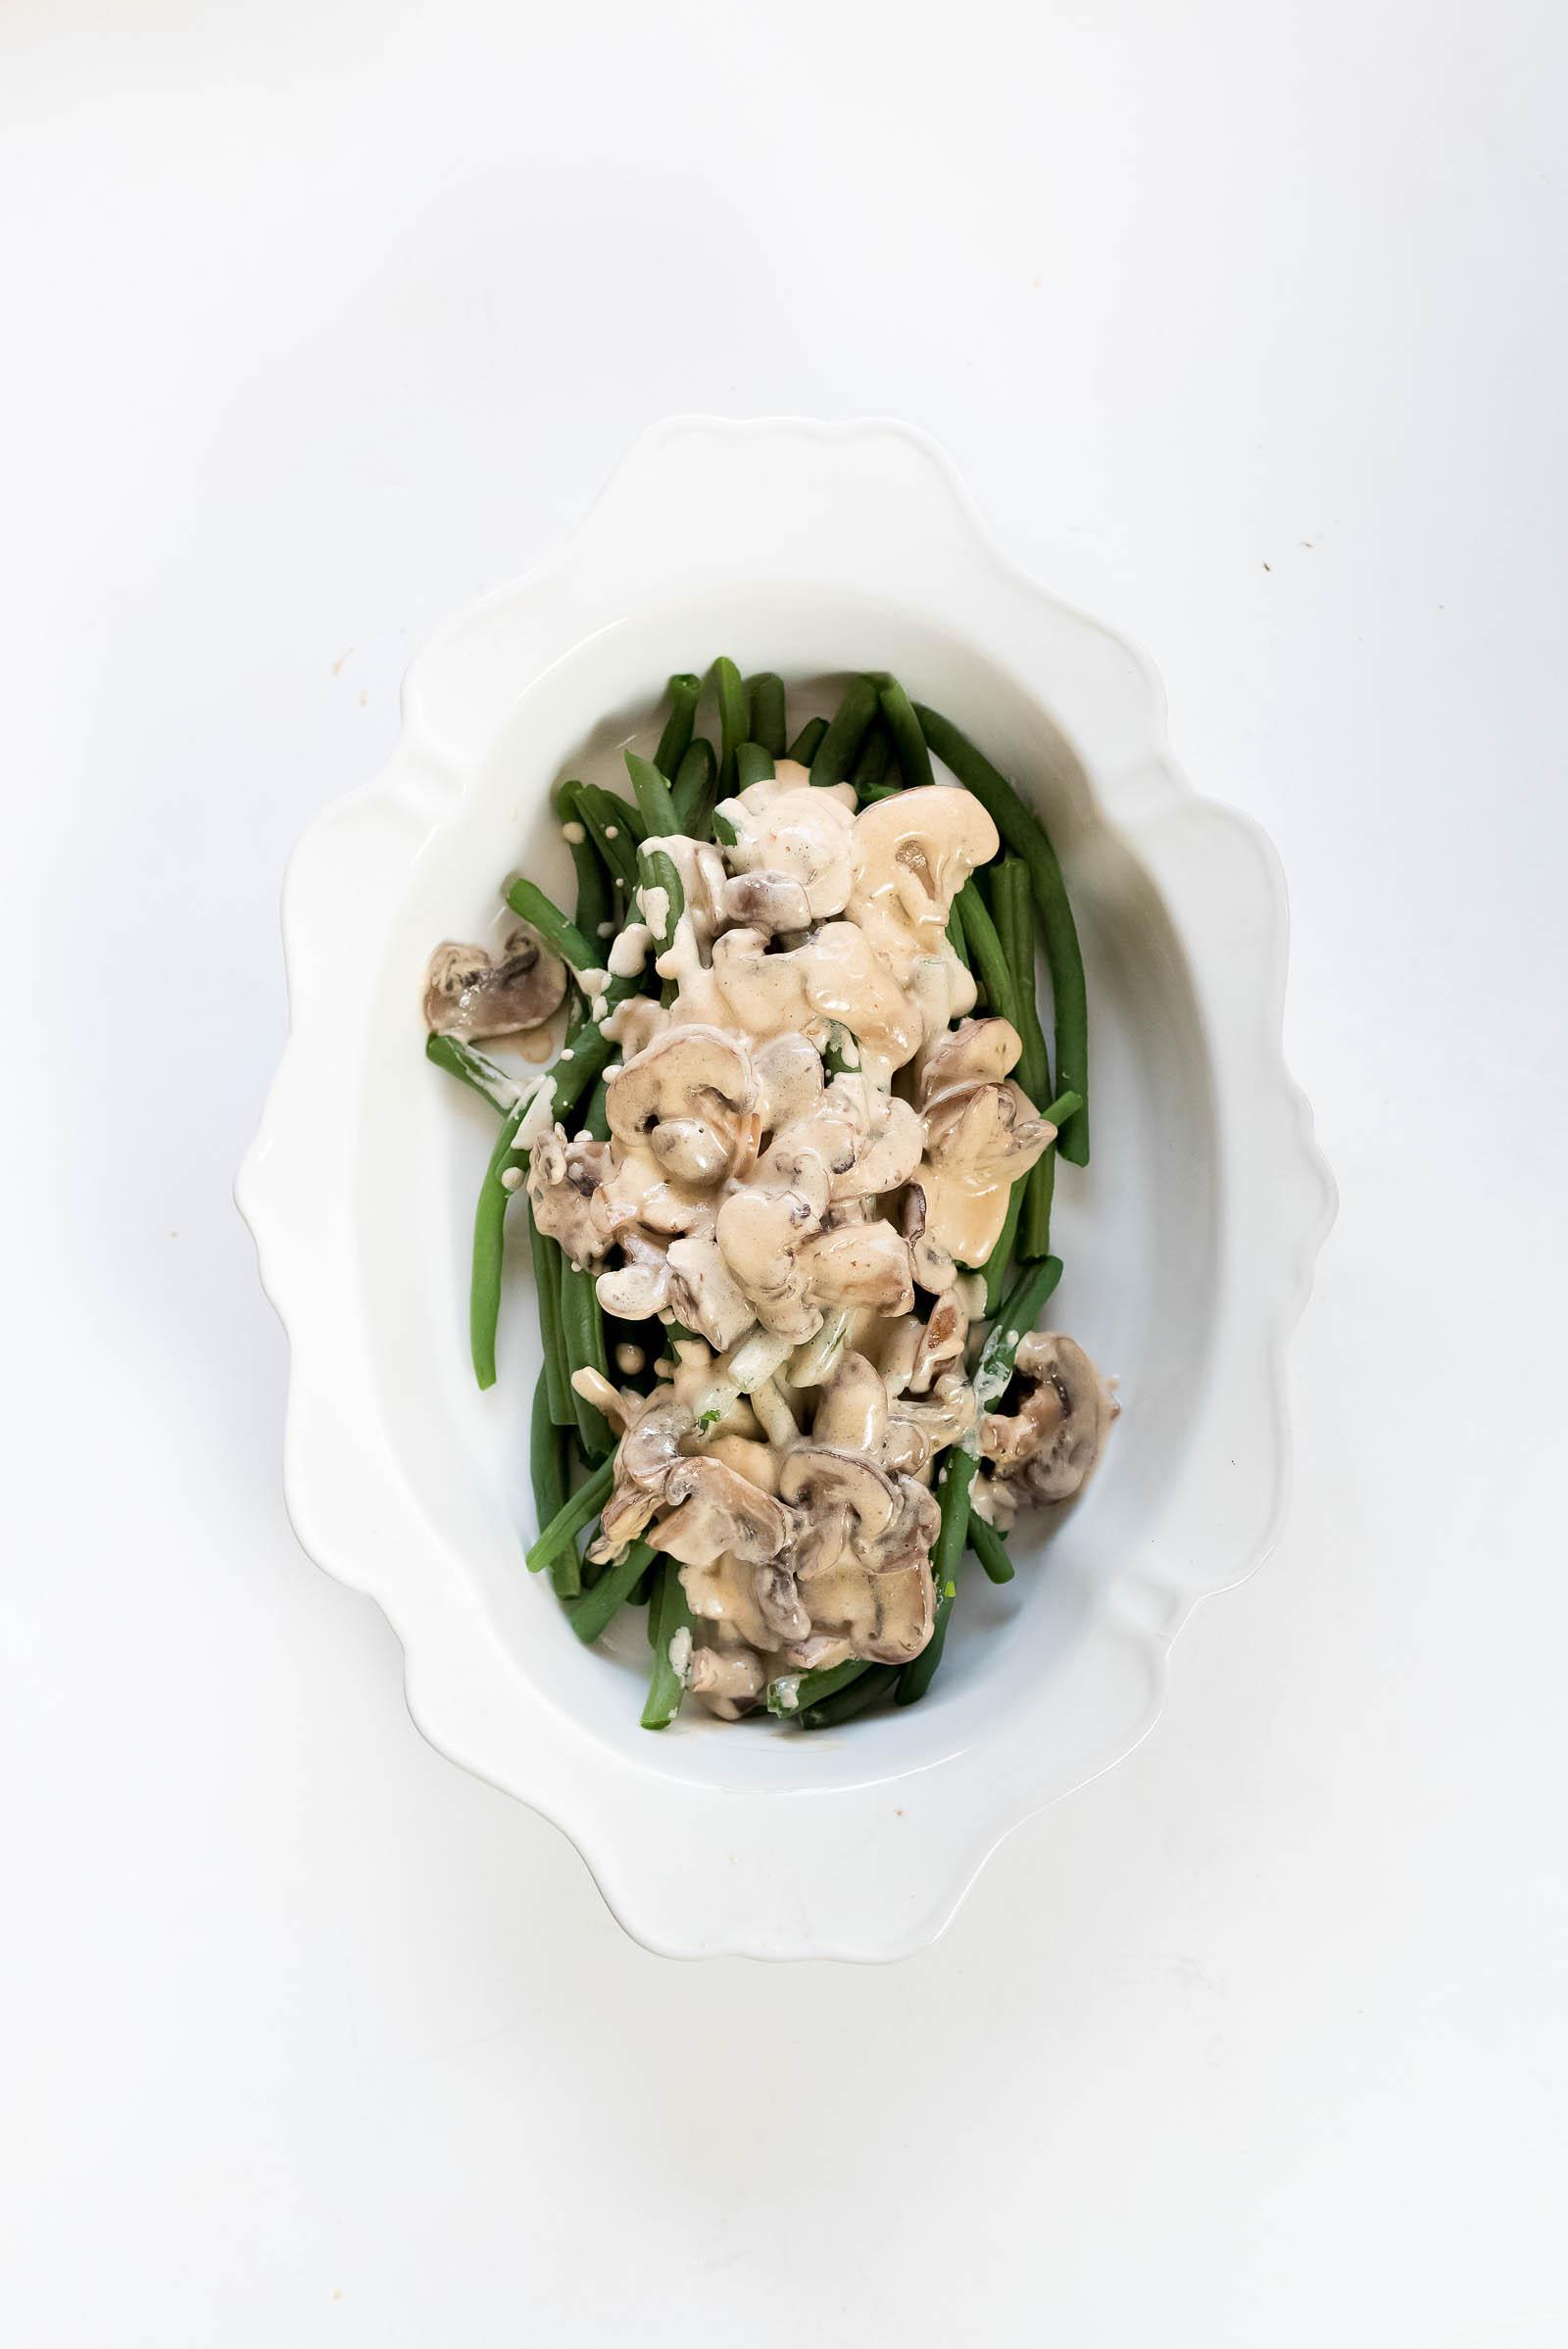 Deconstructed Green Bean Casserole Thanksgiving Recipe